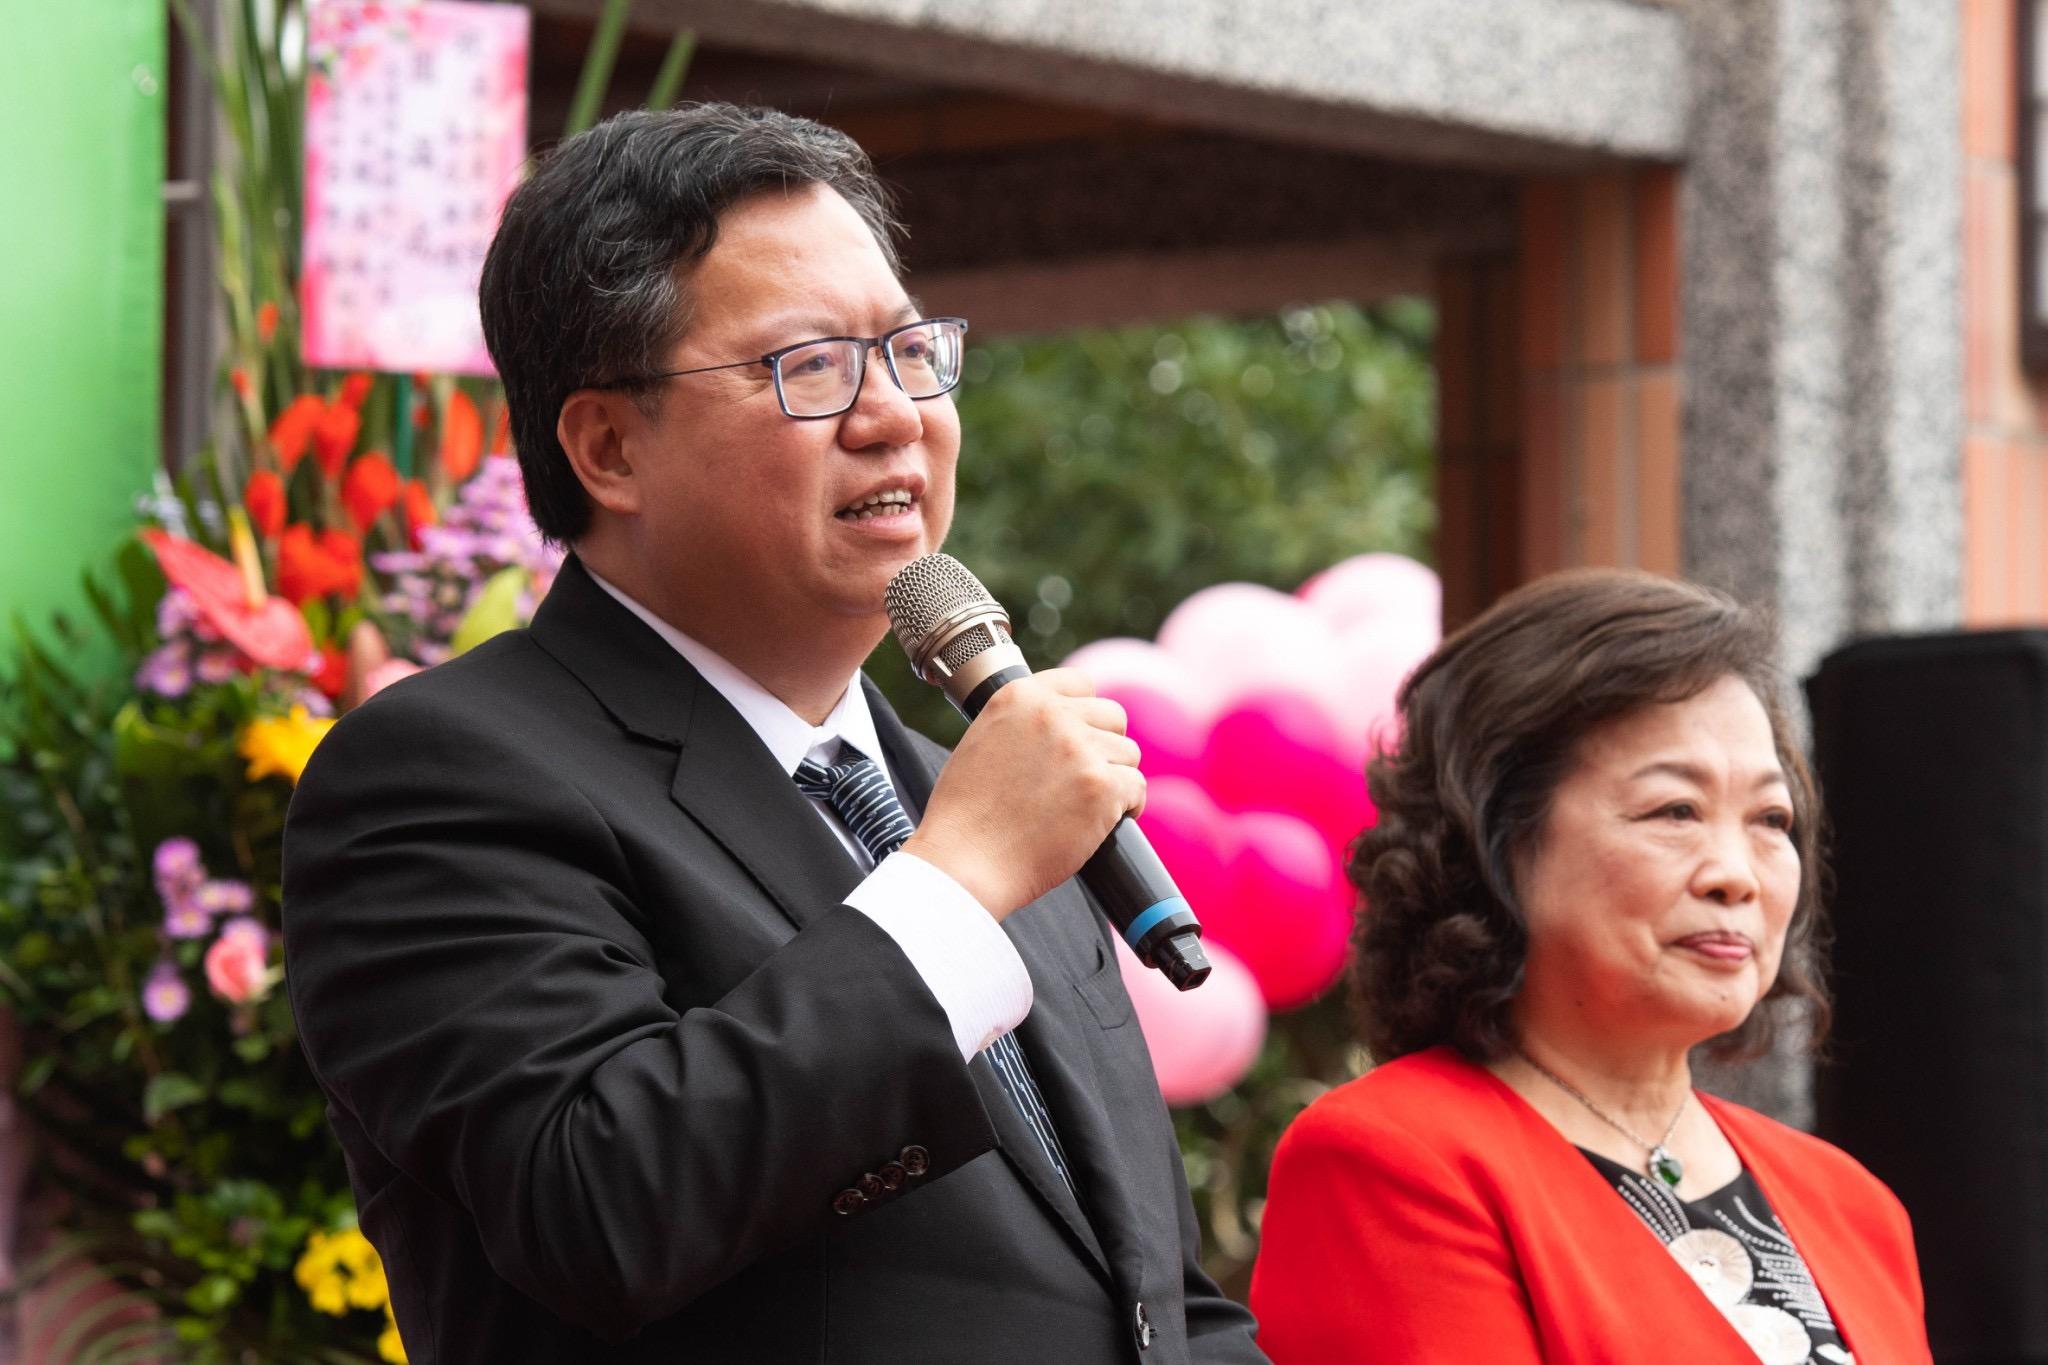 鄭市長表示,集合各界力量,讓社會更溫暖